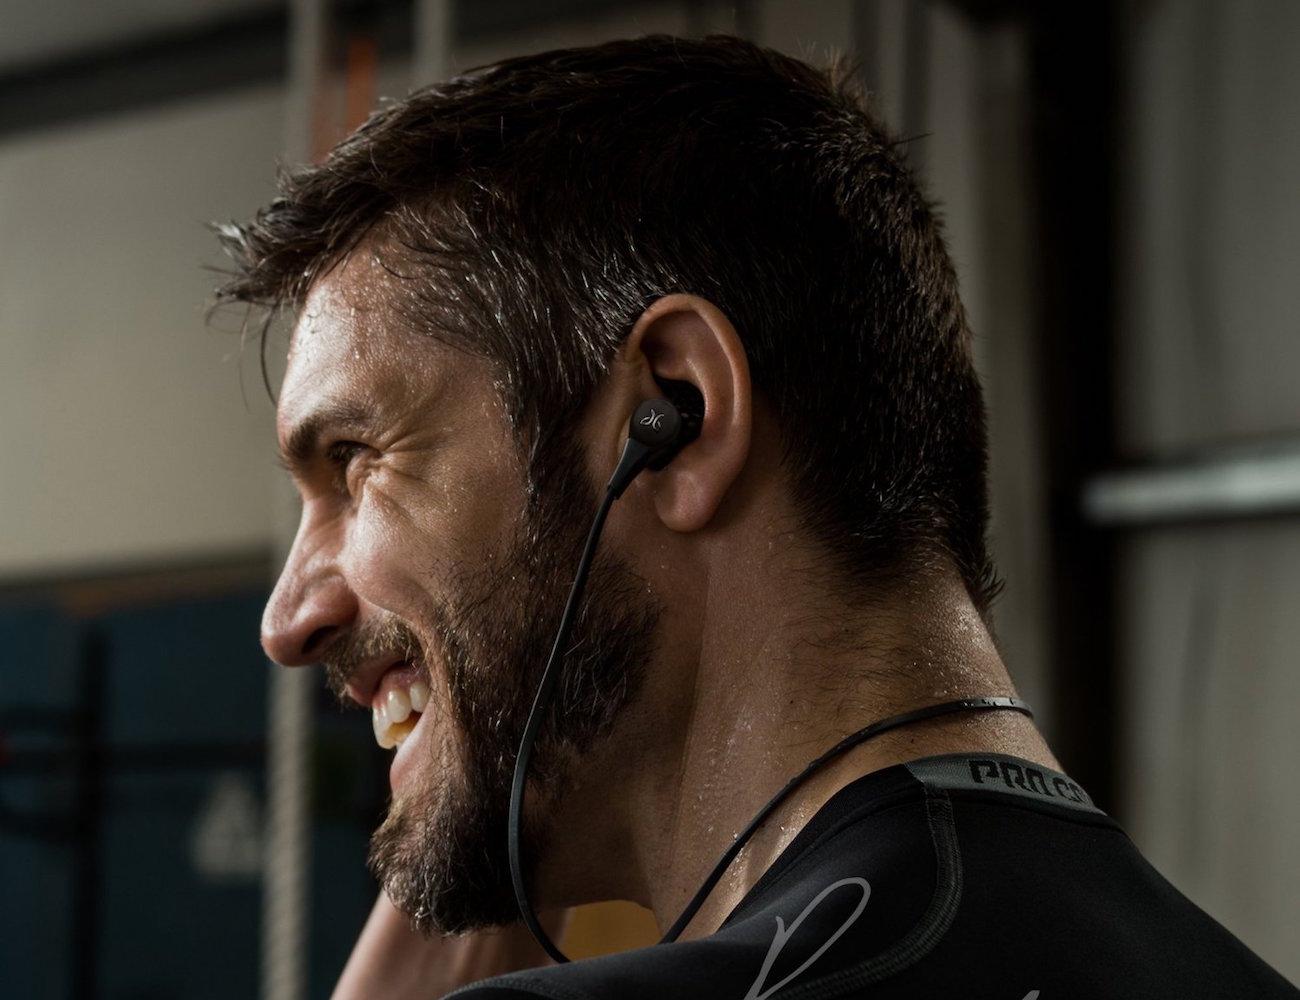 X2 Sport Wireless Bluetooth Headphones from Jaybird